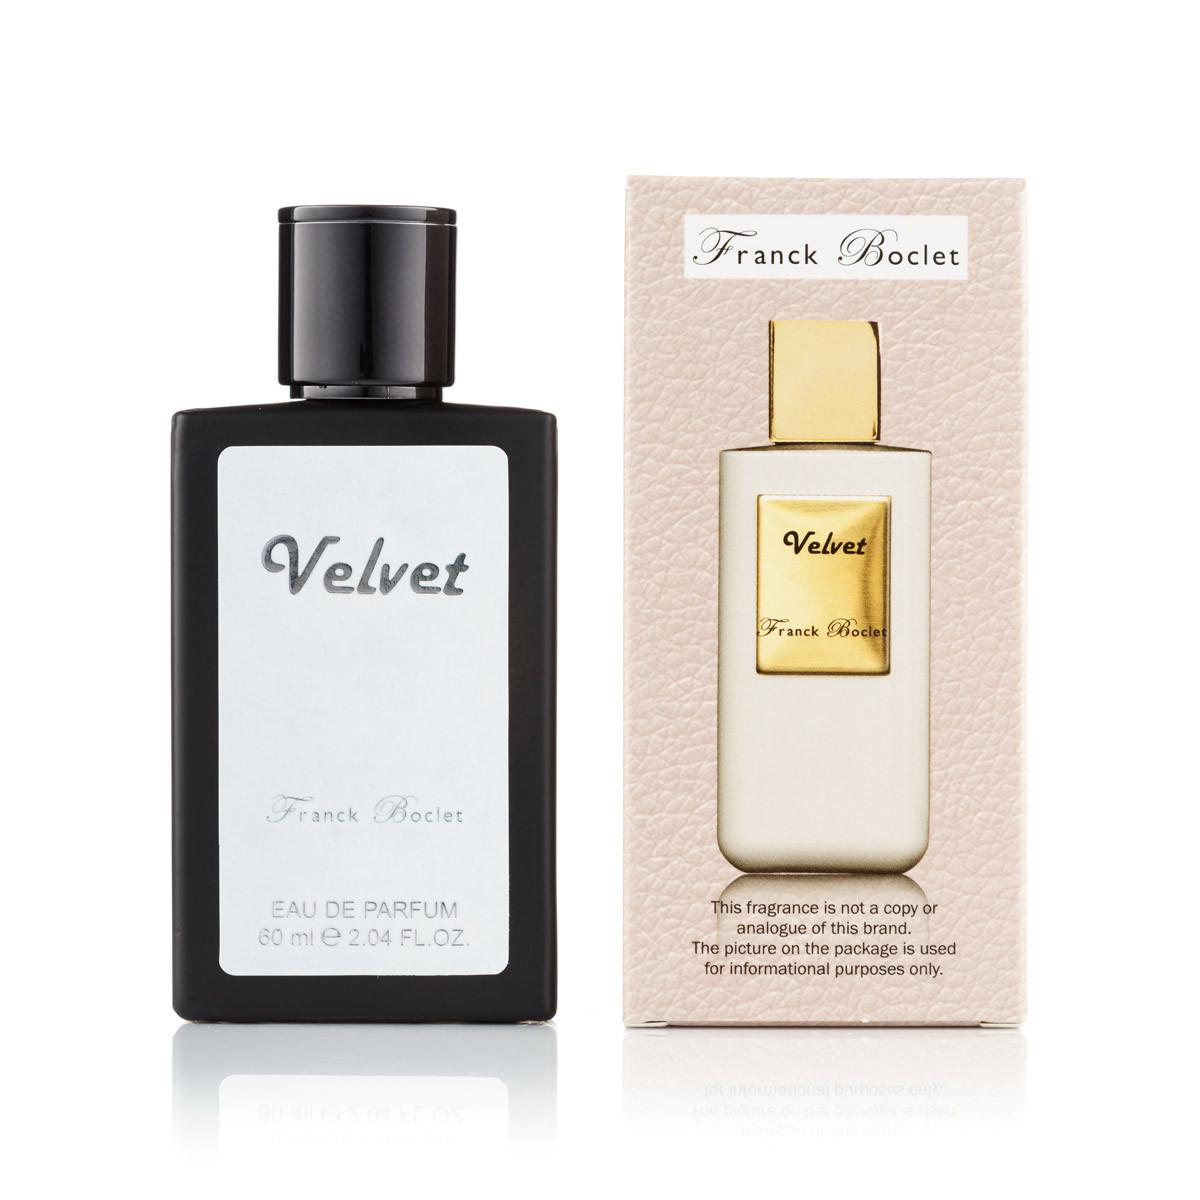 Унисекс парфюм Franck Boclet Velvet 60 мл